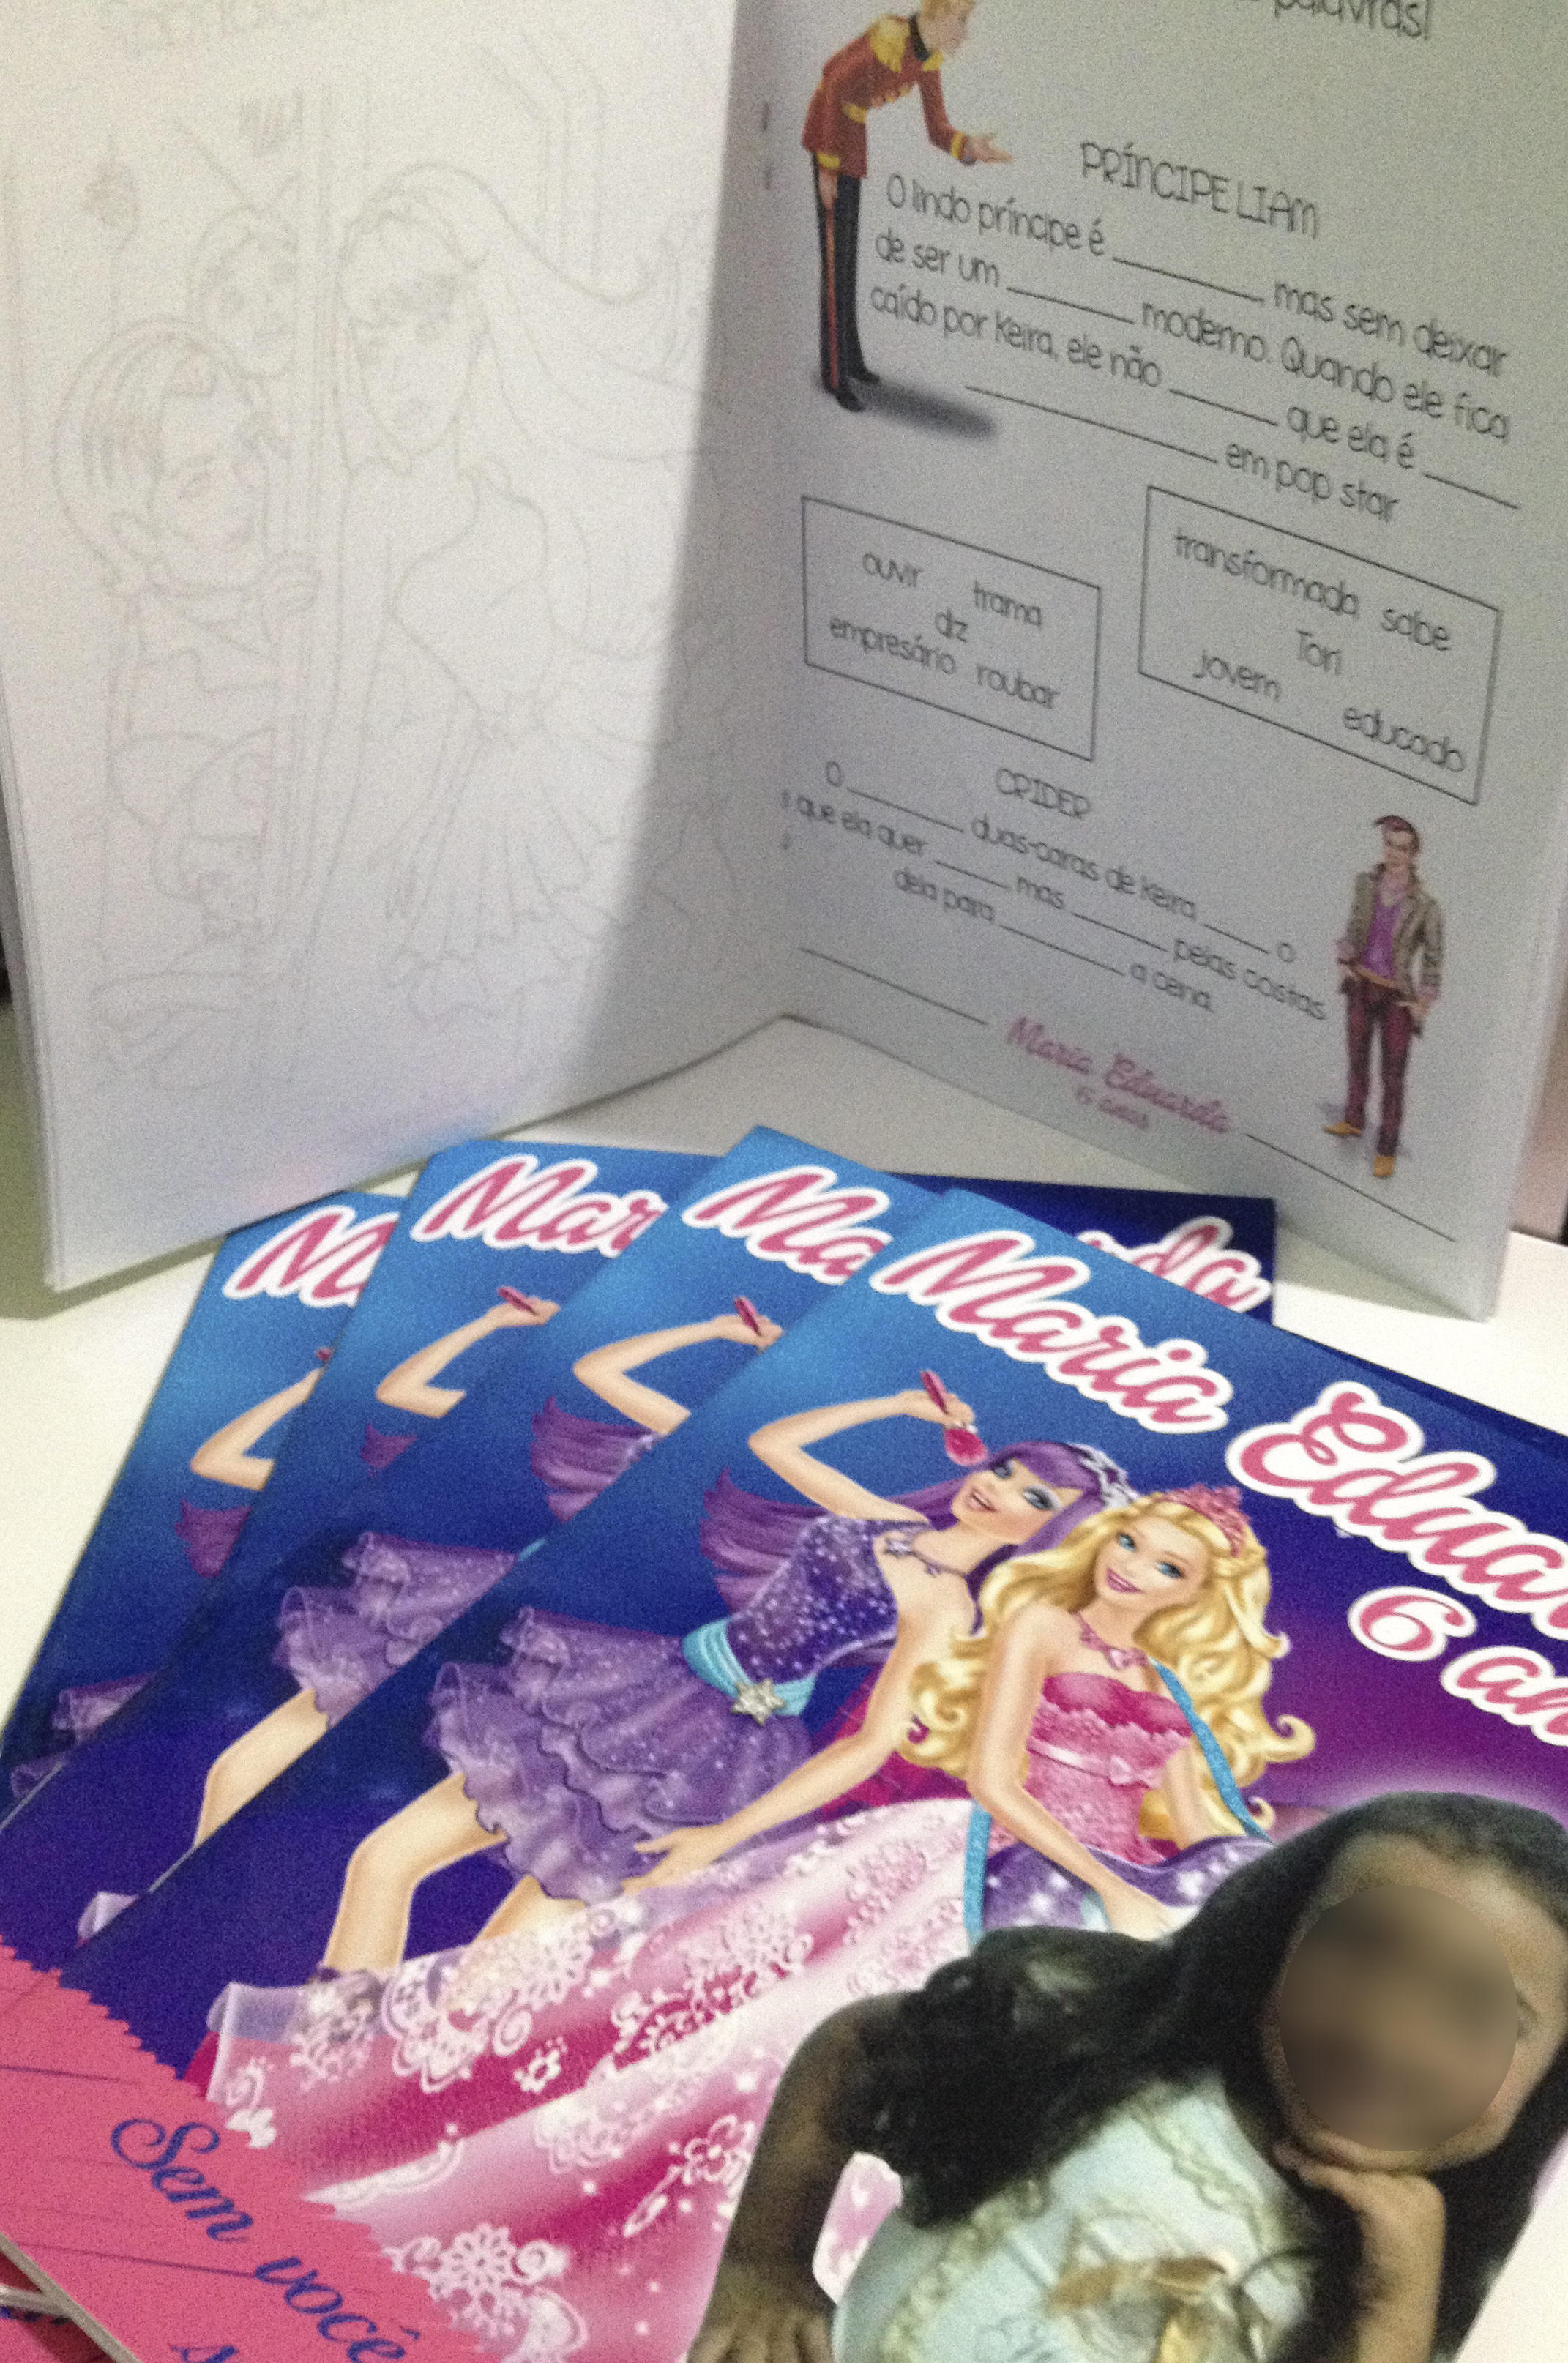 Kit De Colorir Barbie No Elo7 Dreamland Solucoes Criativas 3df68c